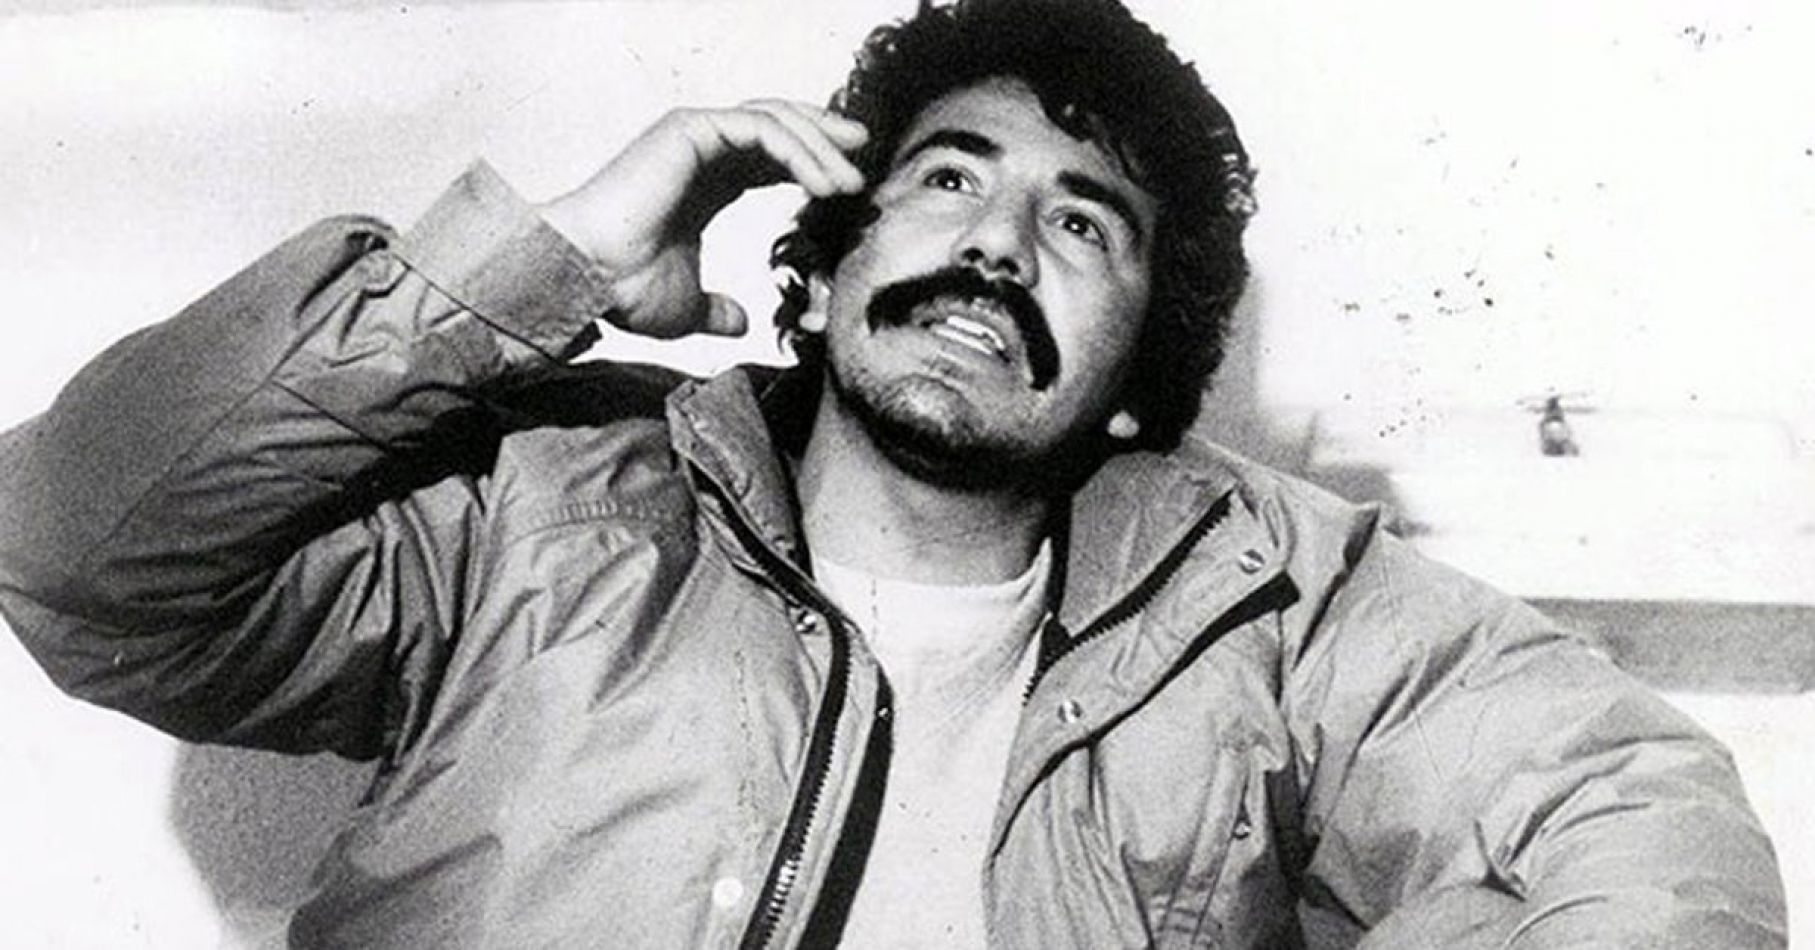 Elgobierno norteamericano asegura que Caro Quintero volvió a sus actividades en el narcotráfico.